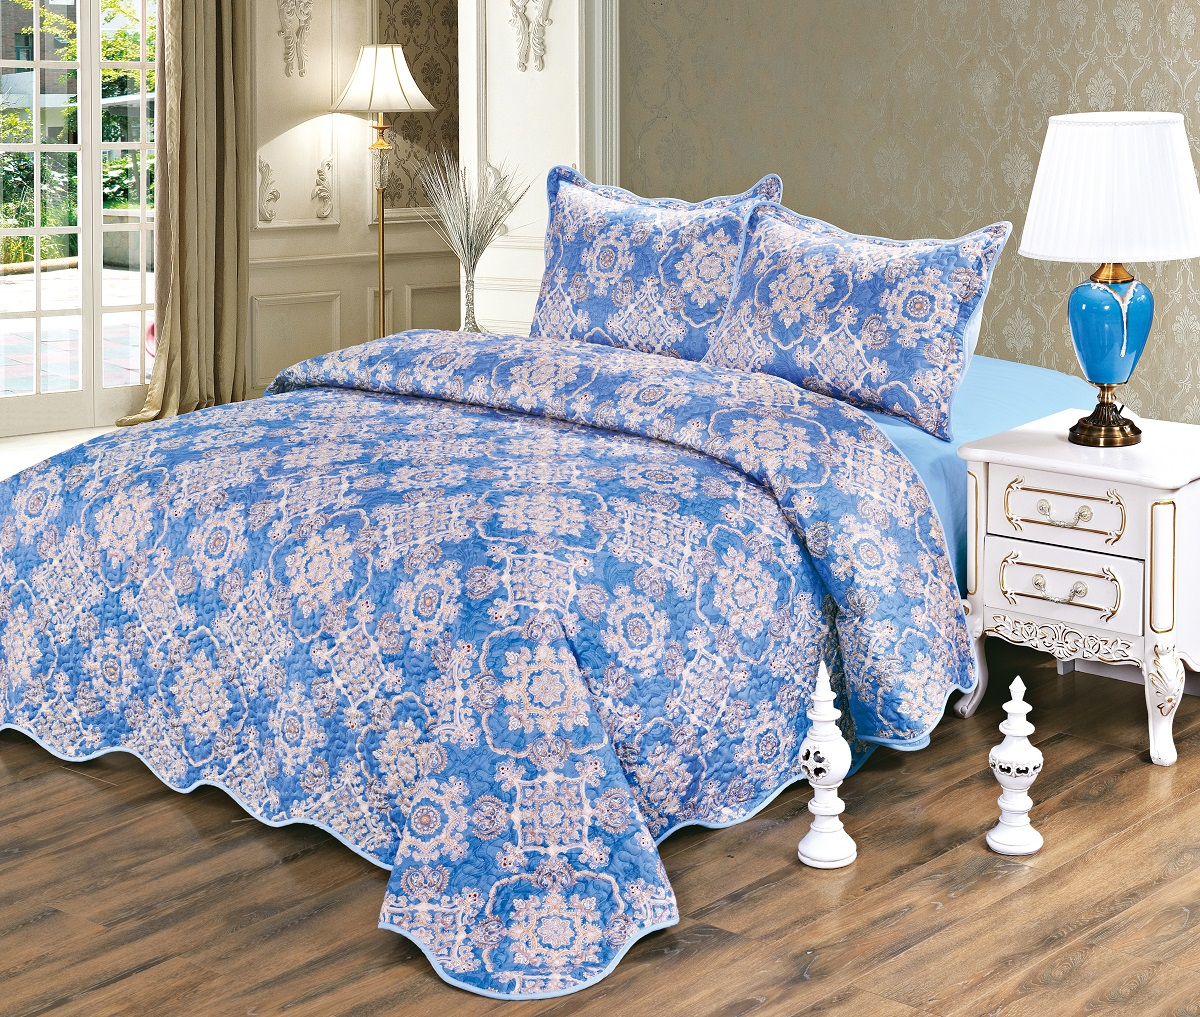 Комплект для спальни Karna Gretal: покрывало 230 х 250 см, 2 наволочки 50 х 70 см, цвет: zumrut комплект для спальни сайлид twiggi покрывало 230 х 250 см 2 наволочки 50 х 70 см цвет голубой